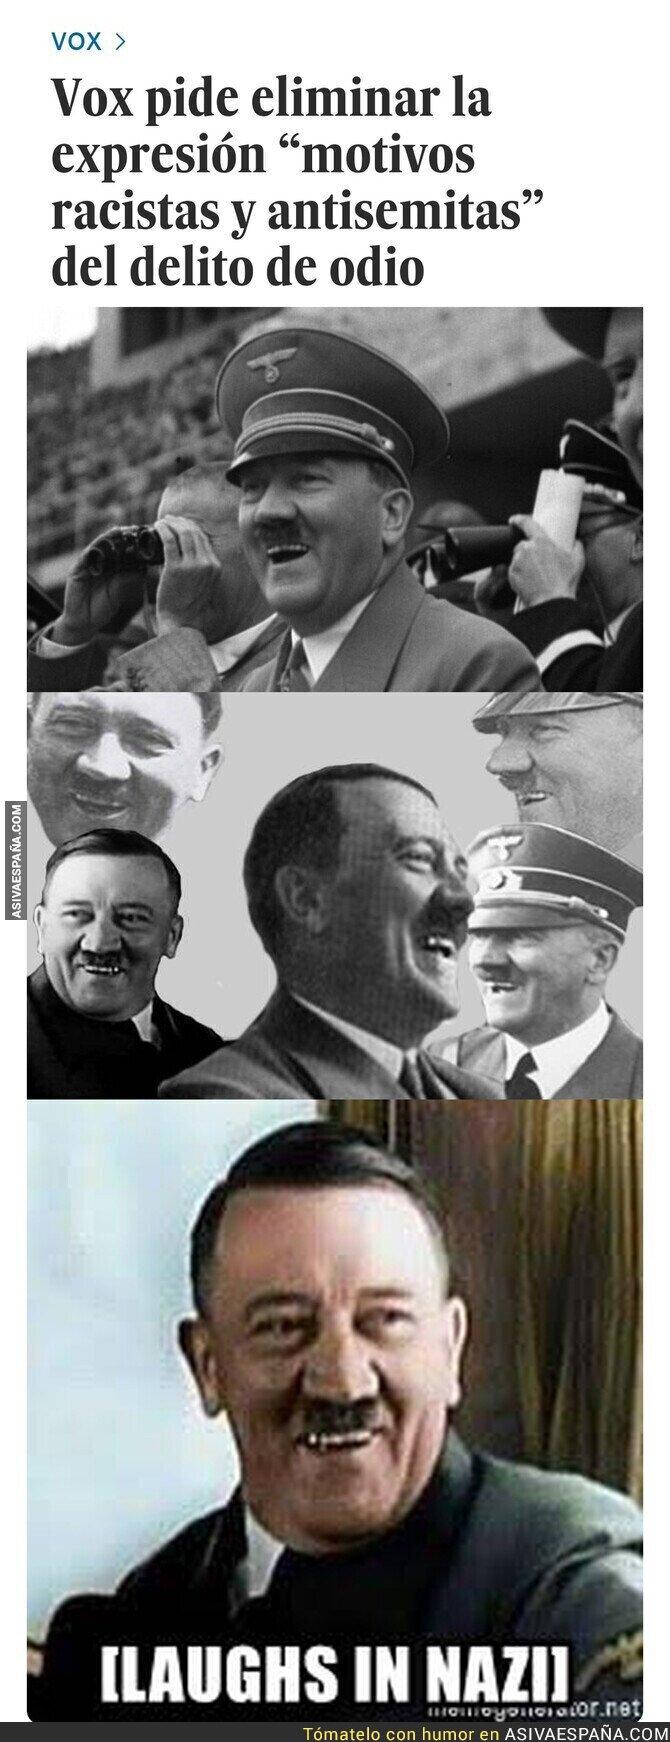 638353 - Hitler se lo está pasando en grande con VOX